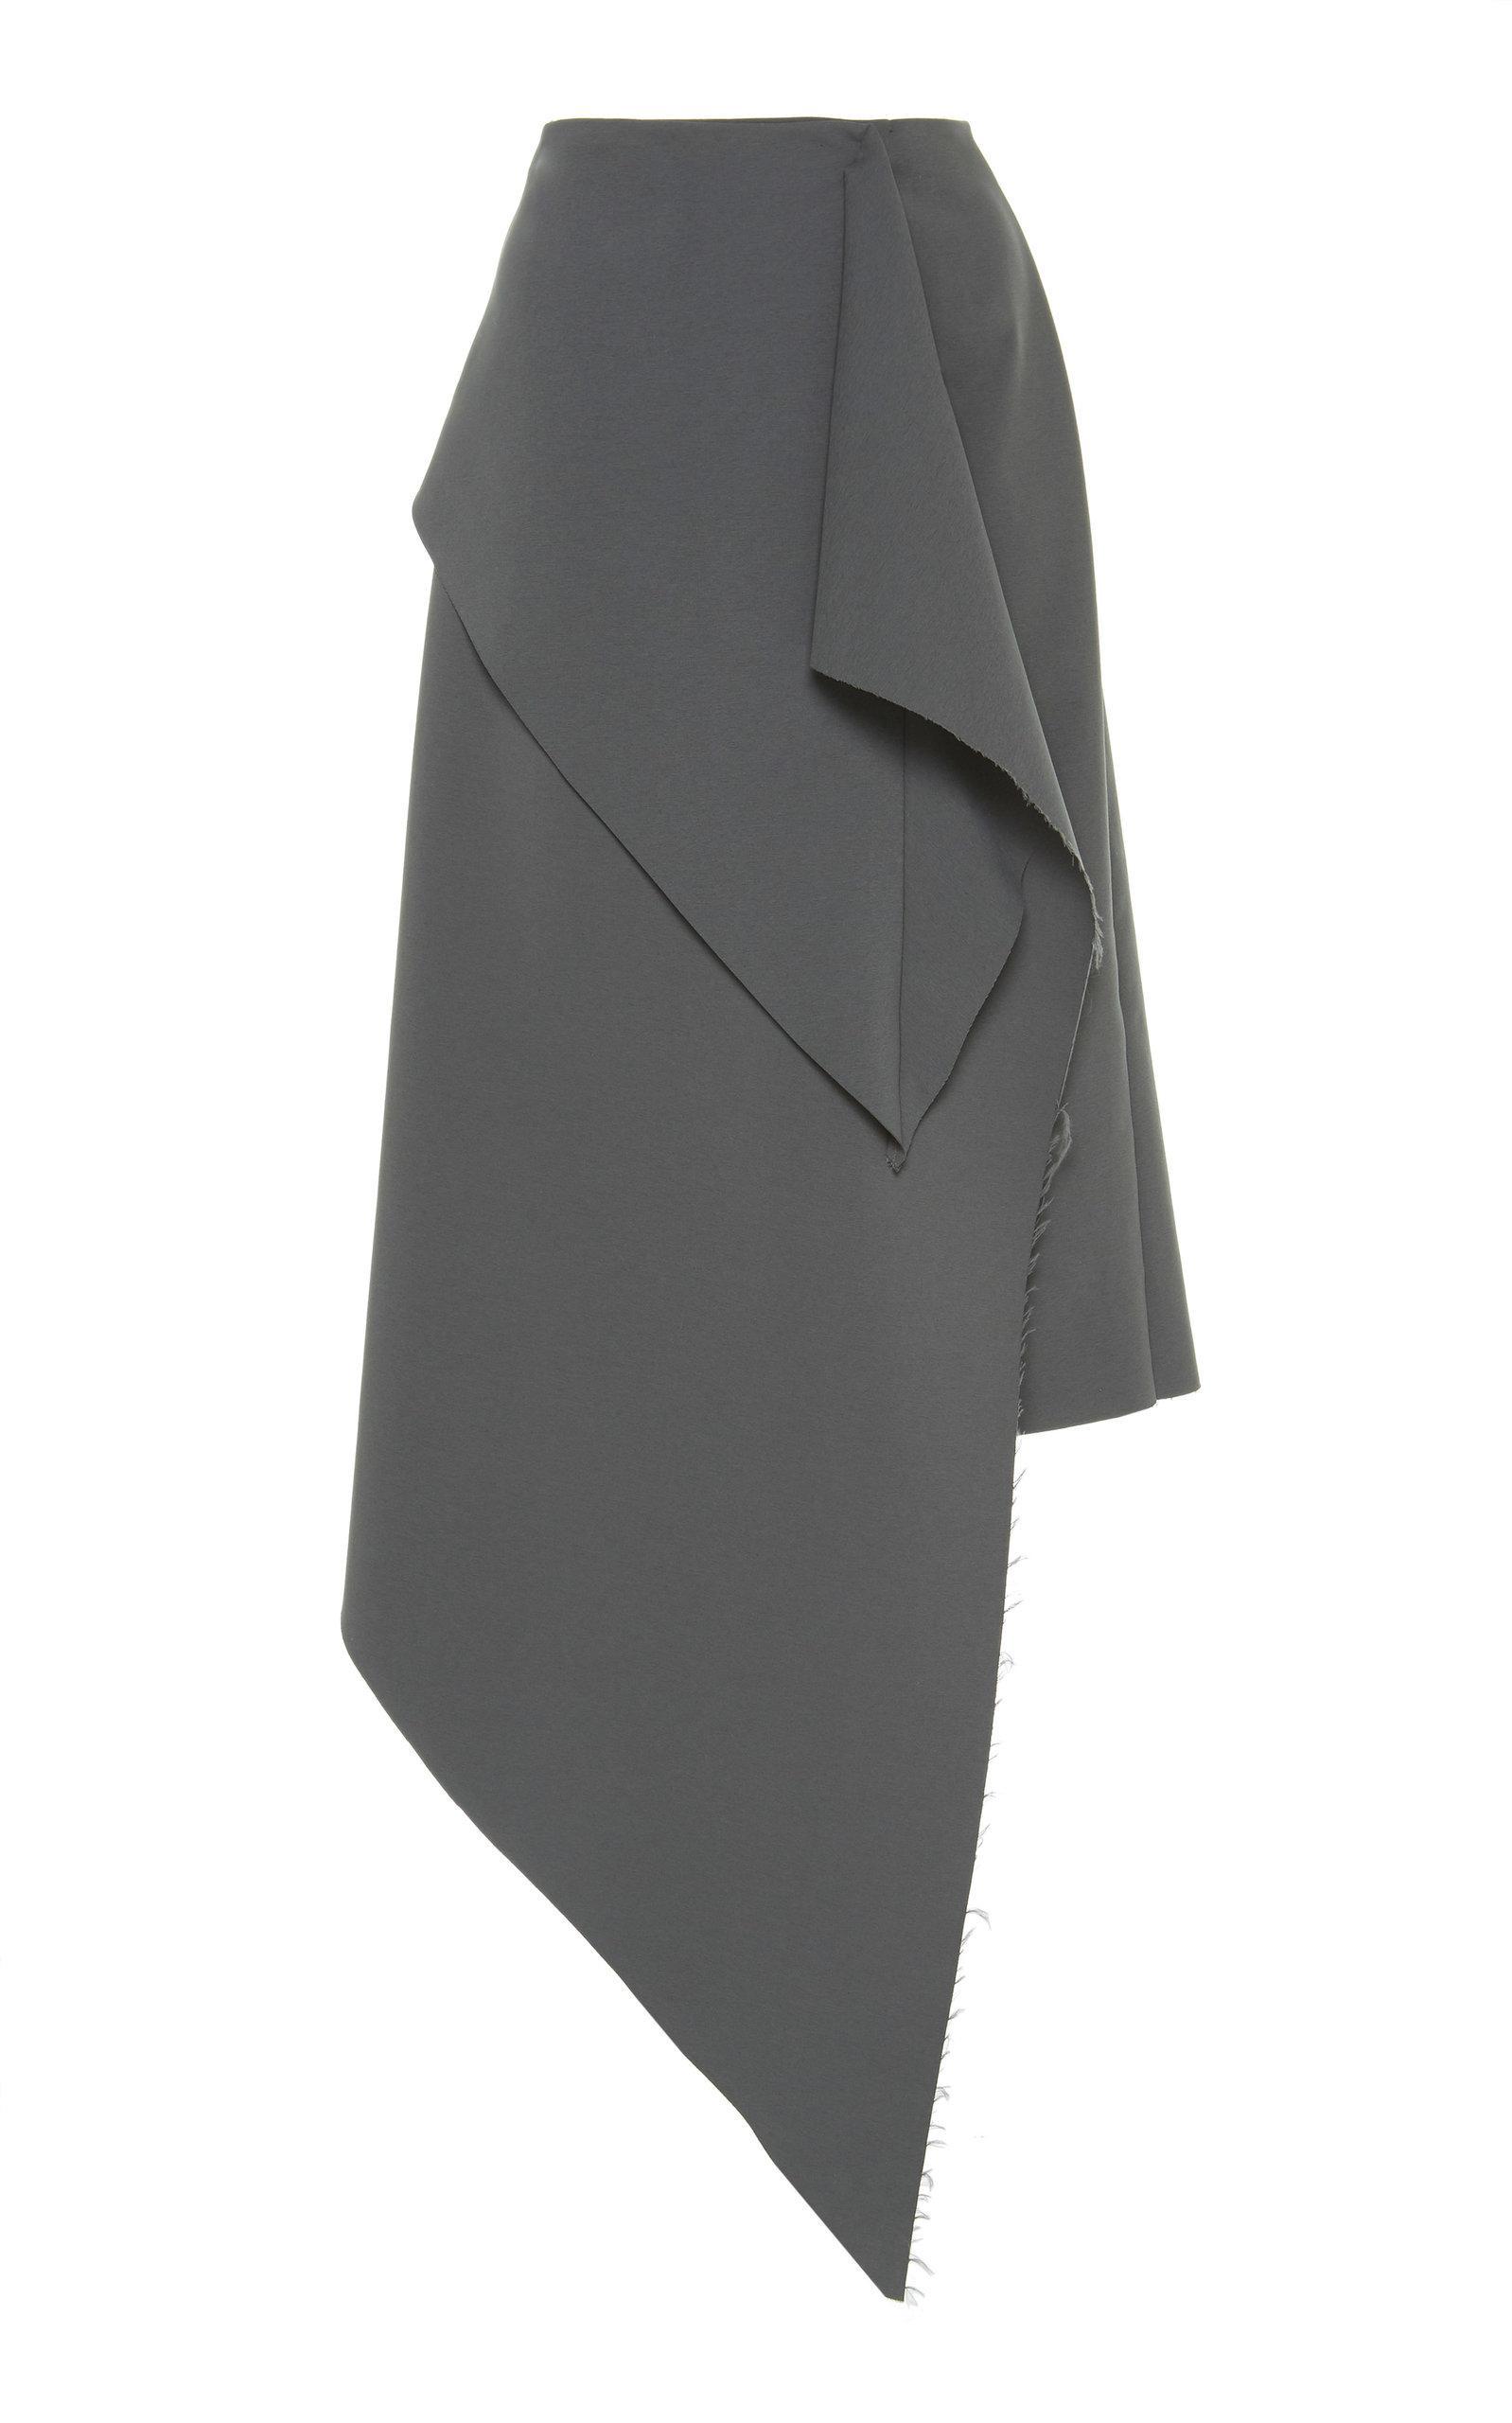 A.w.a.k.e. Asymmetric Draped Skirt In Grey